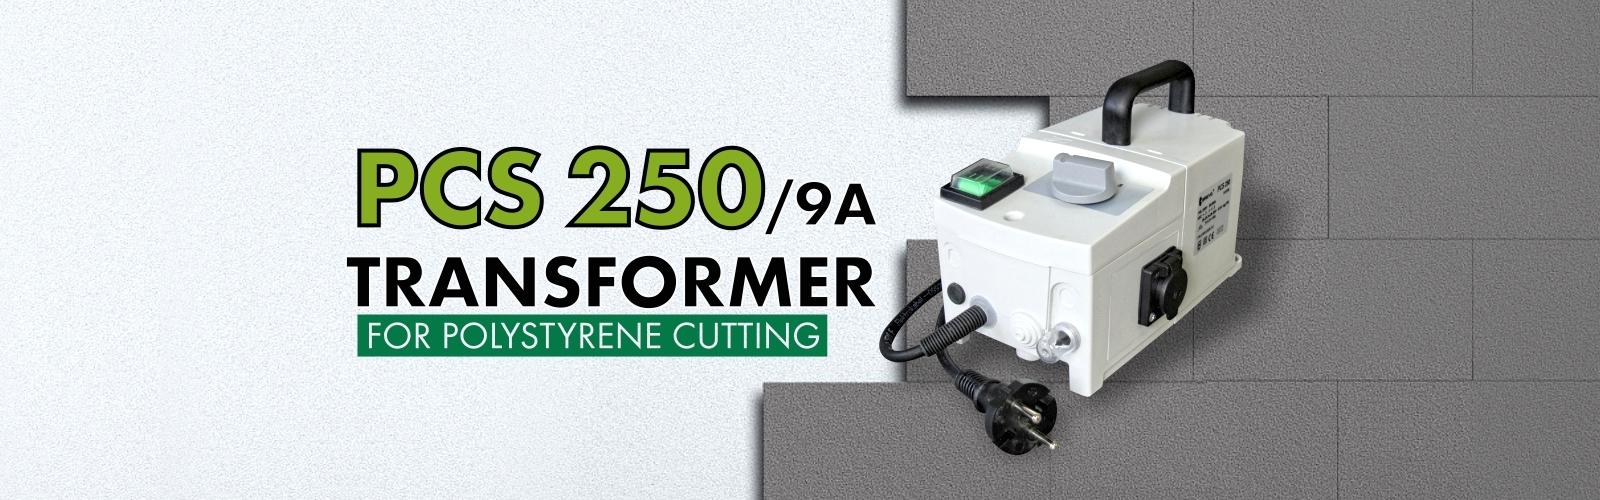 transformer for polystyrene cutting